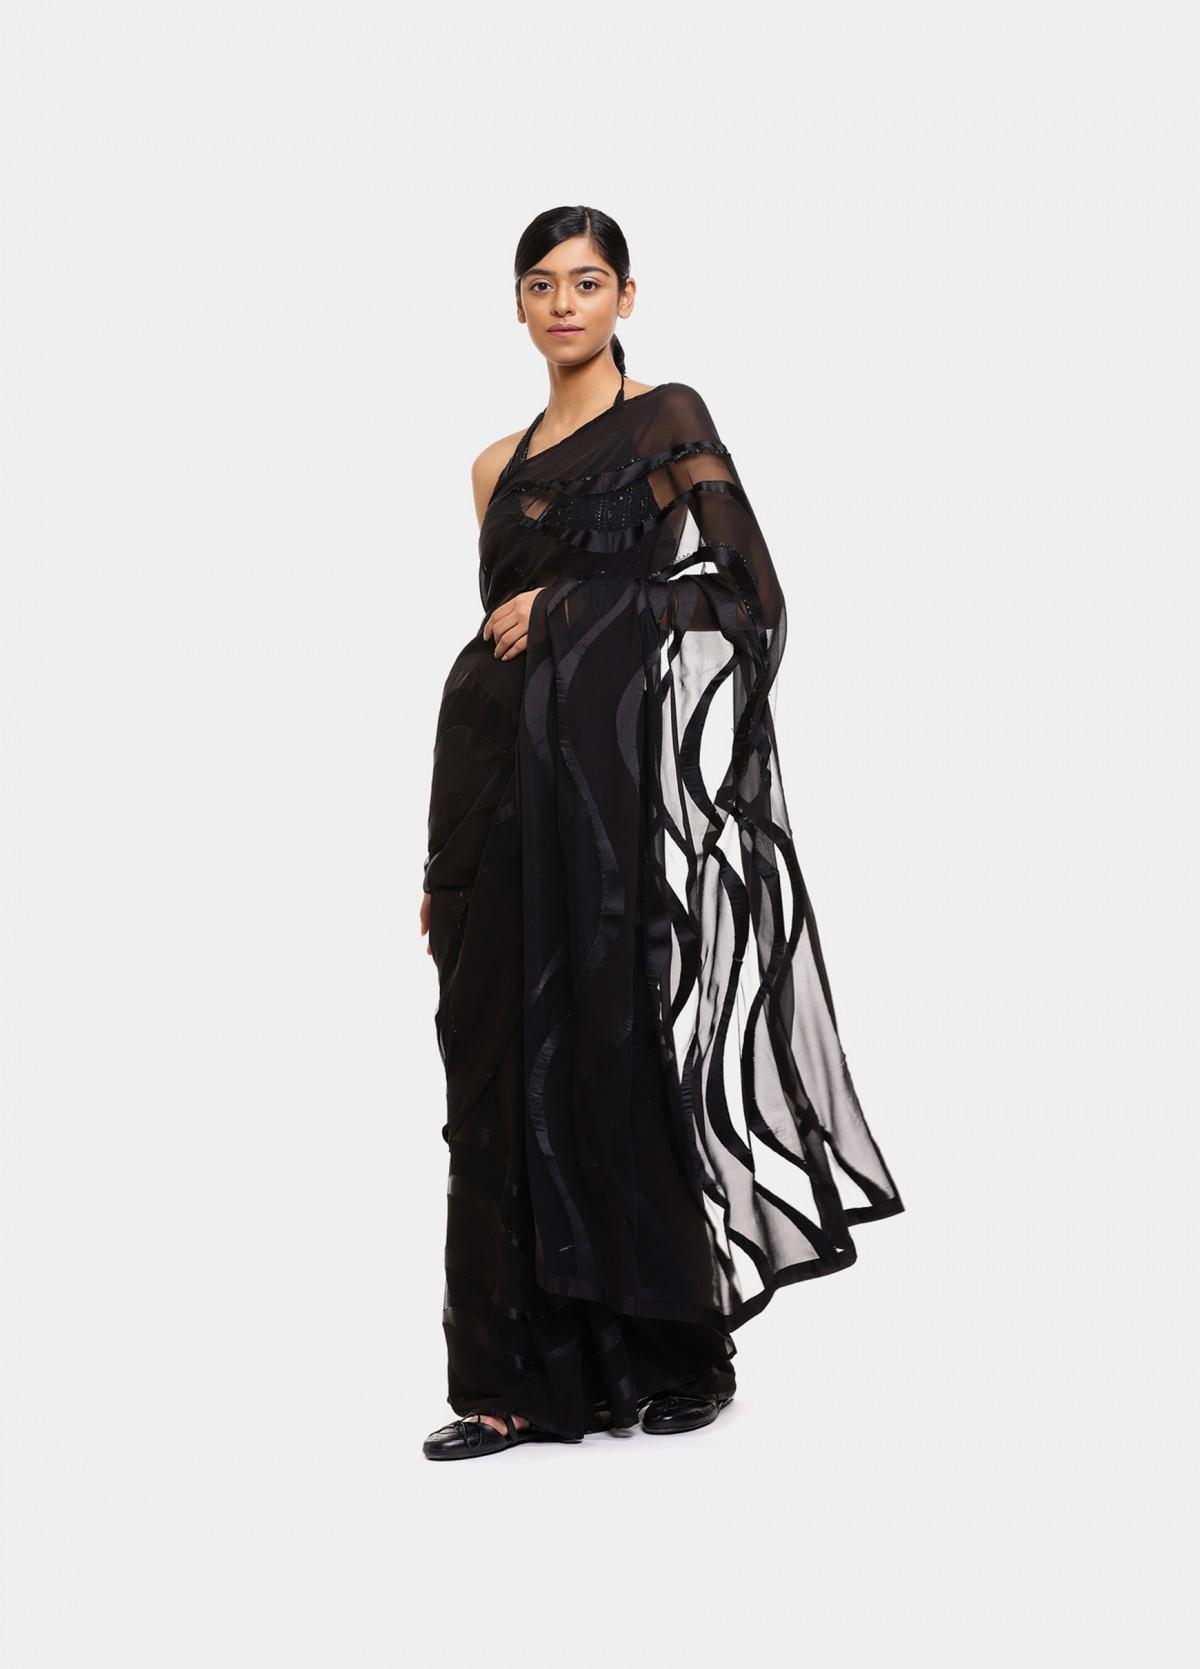 The Wave Sari